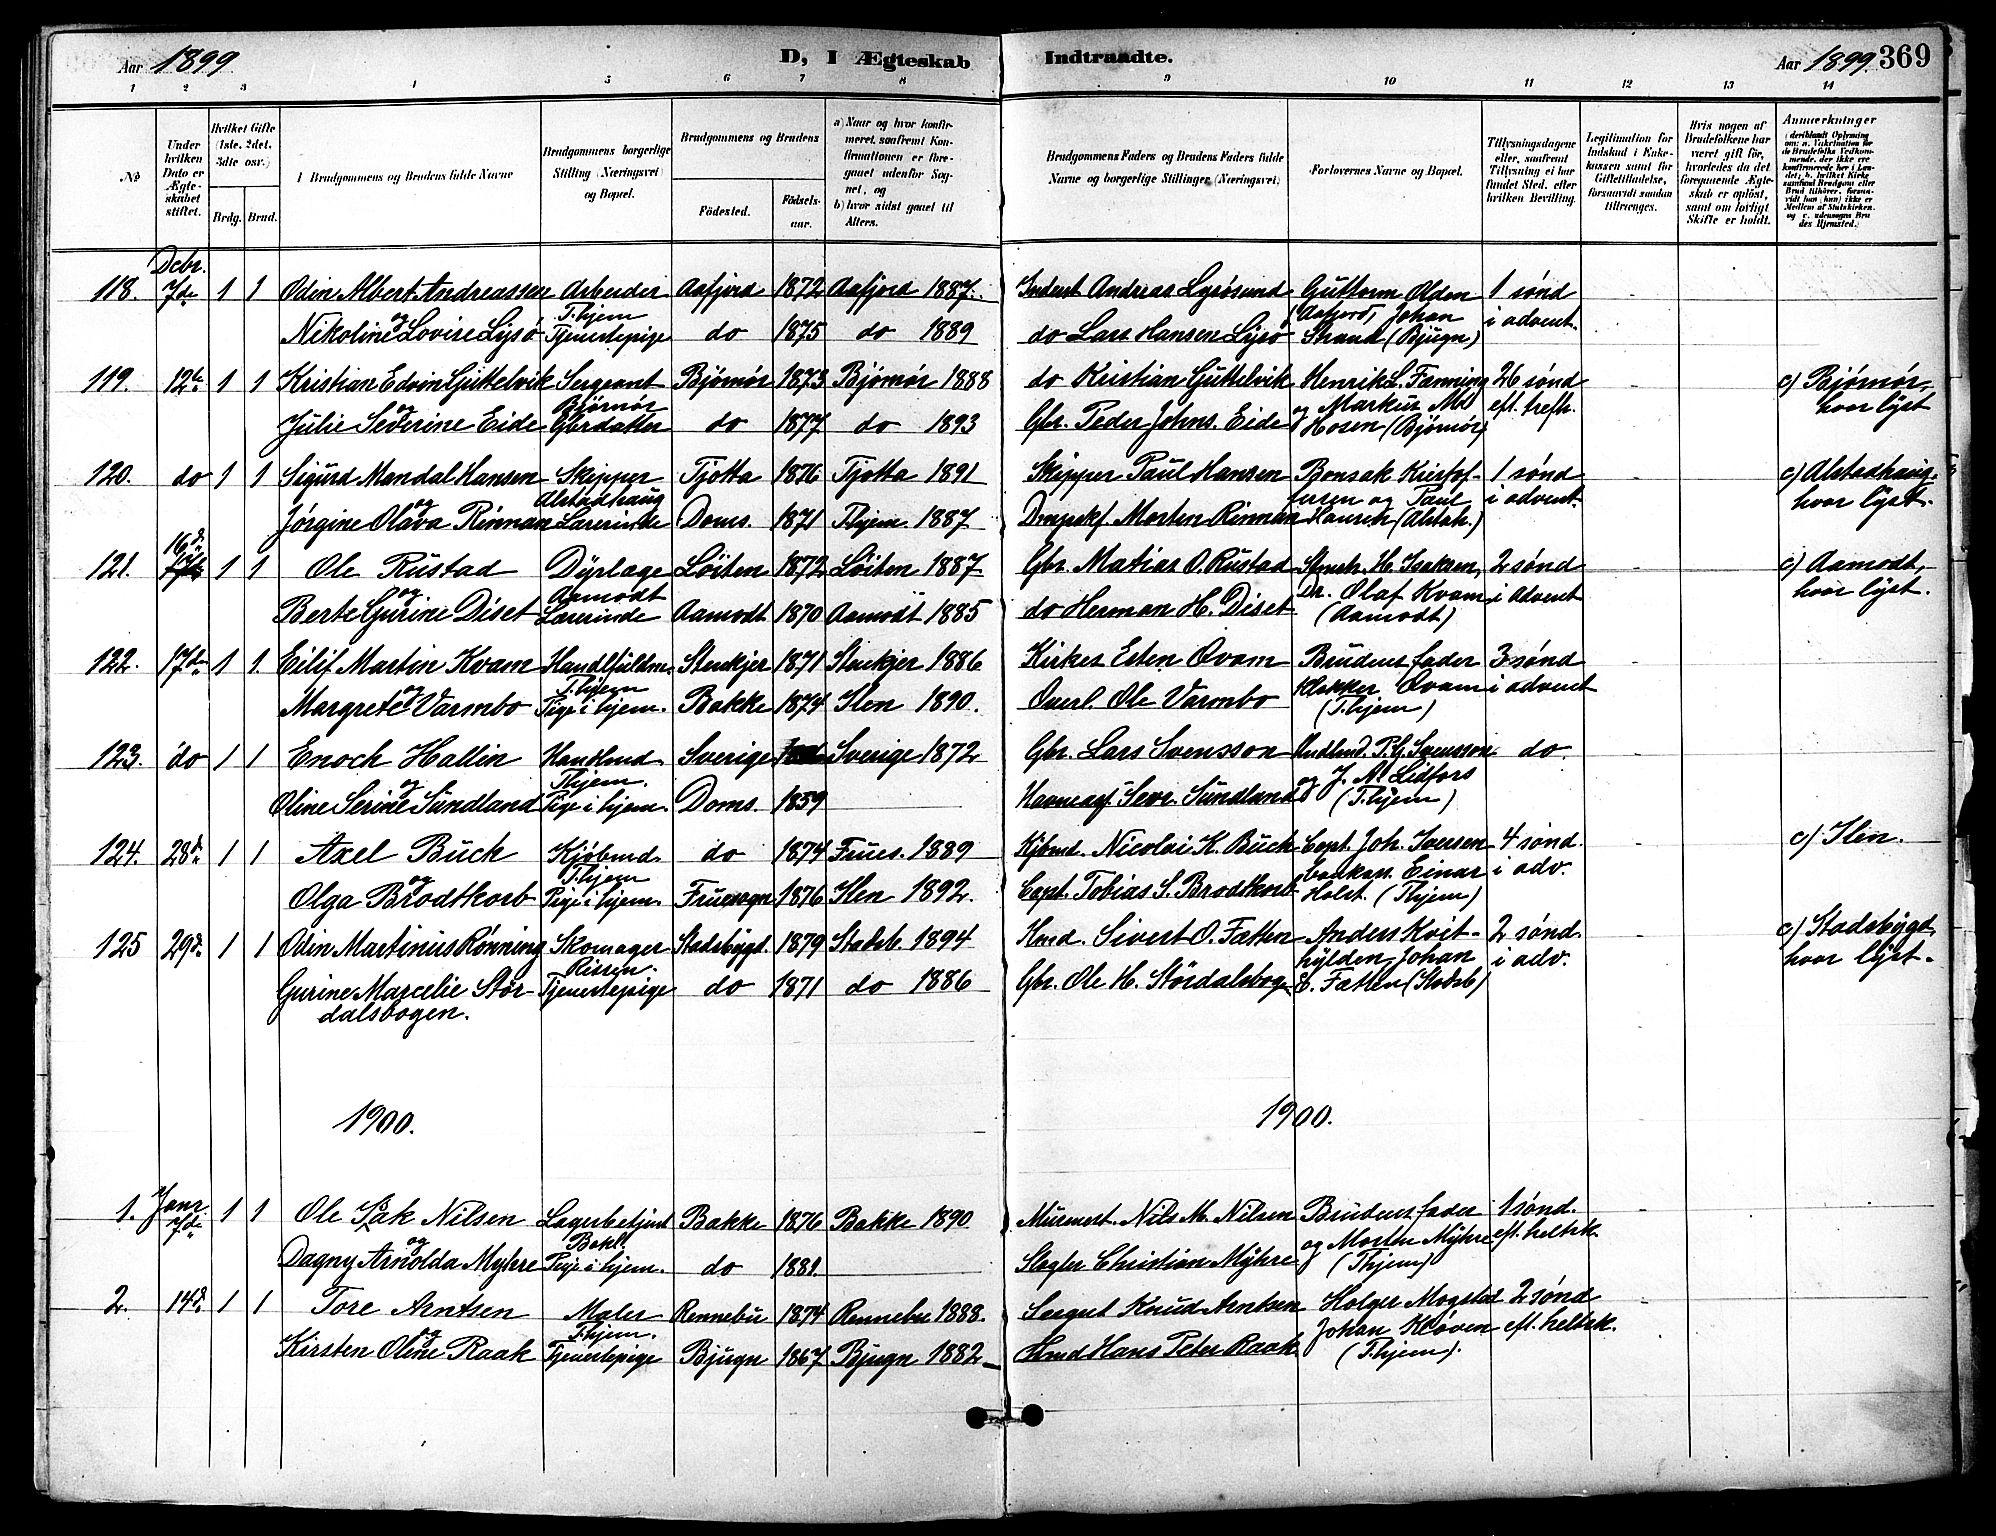 SAT, Ministerialprotokoller, klokkerbøker og fødselsregistre - Sør-Trøndelag, 601/L0094: Klokkerbok nr. 601C12, 1898-1911, s. 369